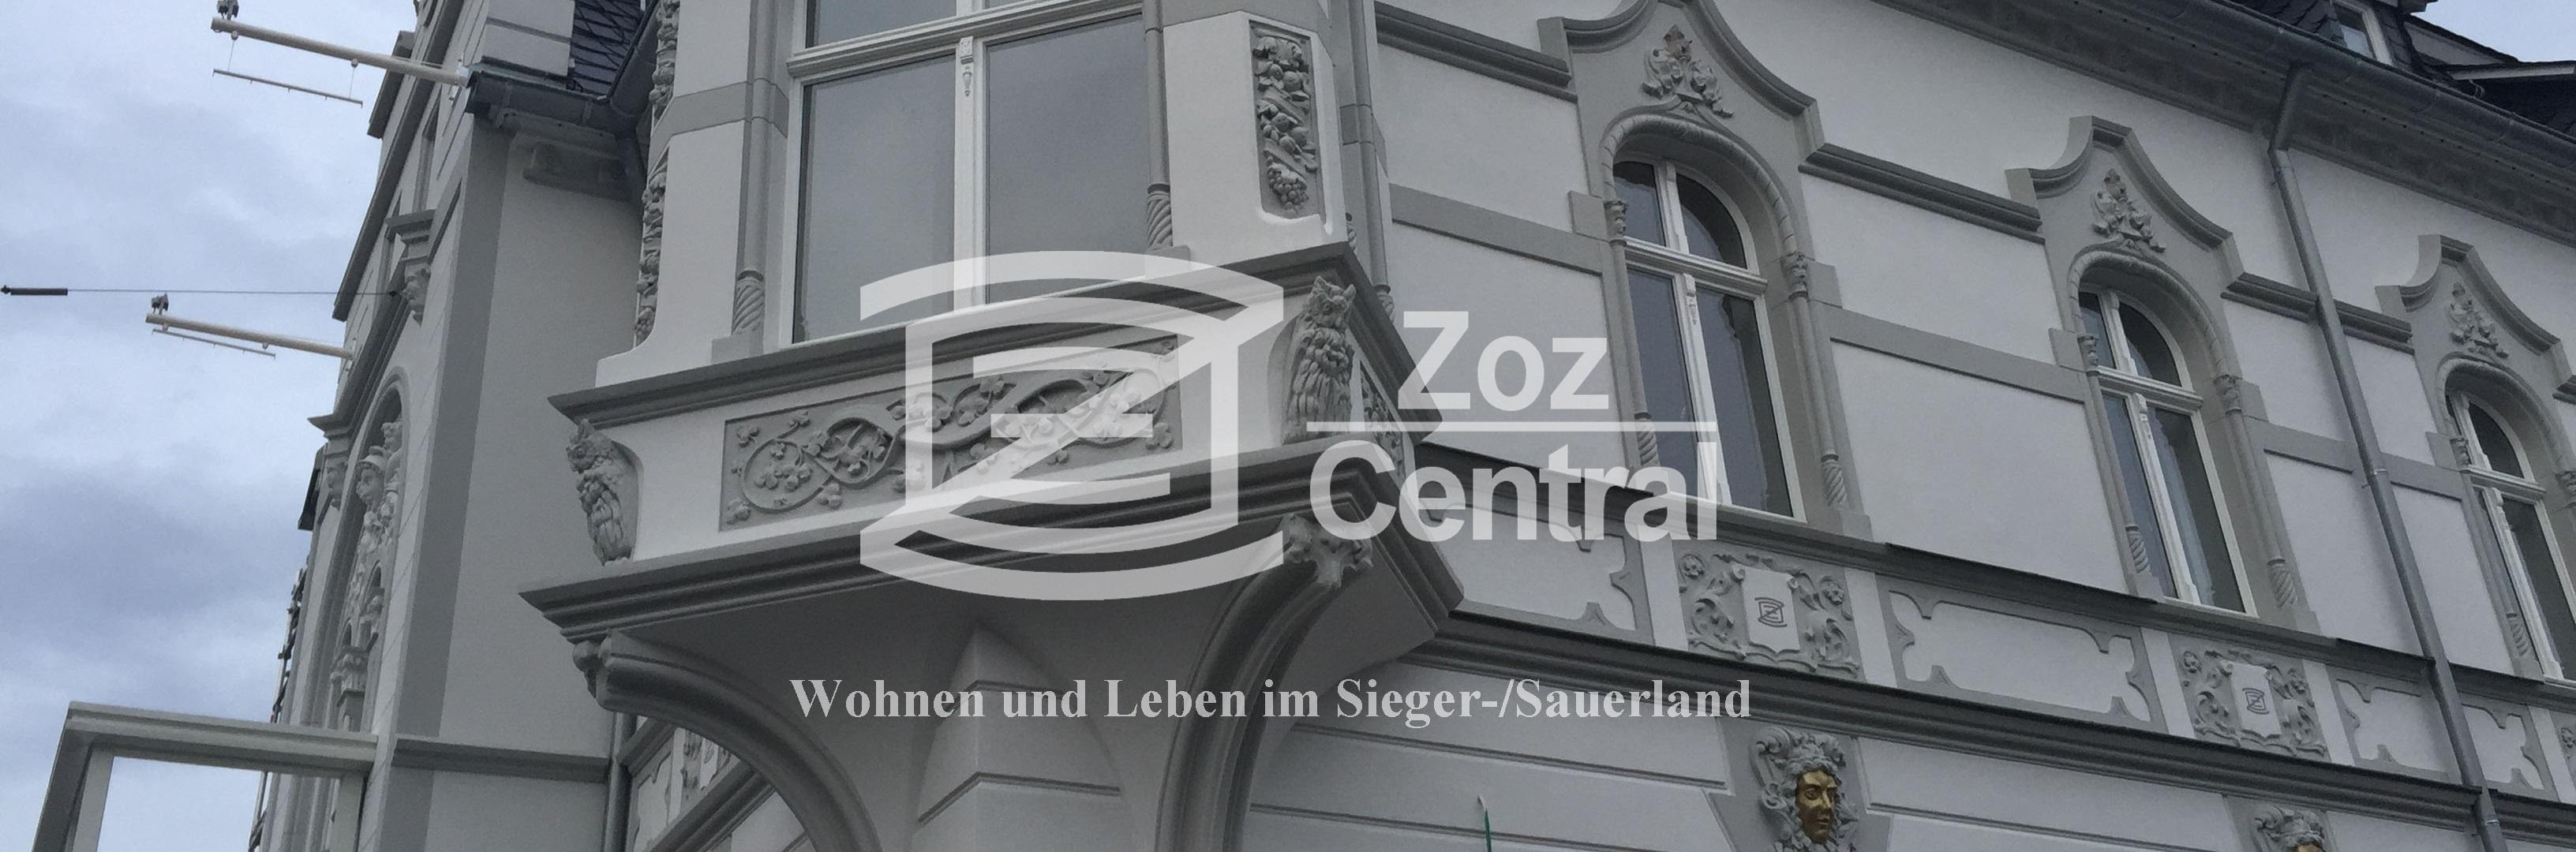 Zoz Central – Vermietung